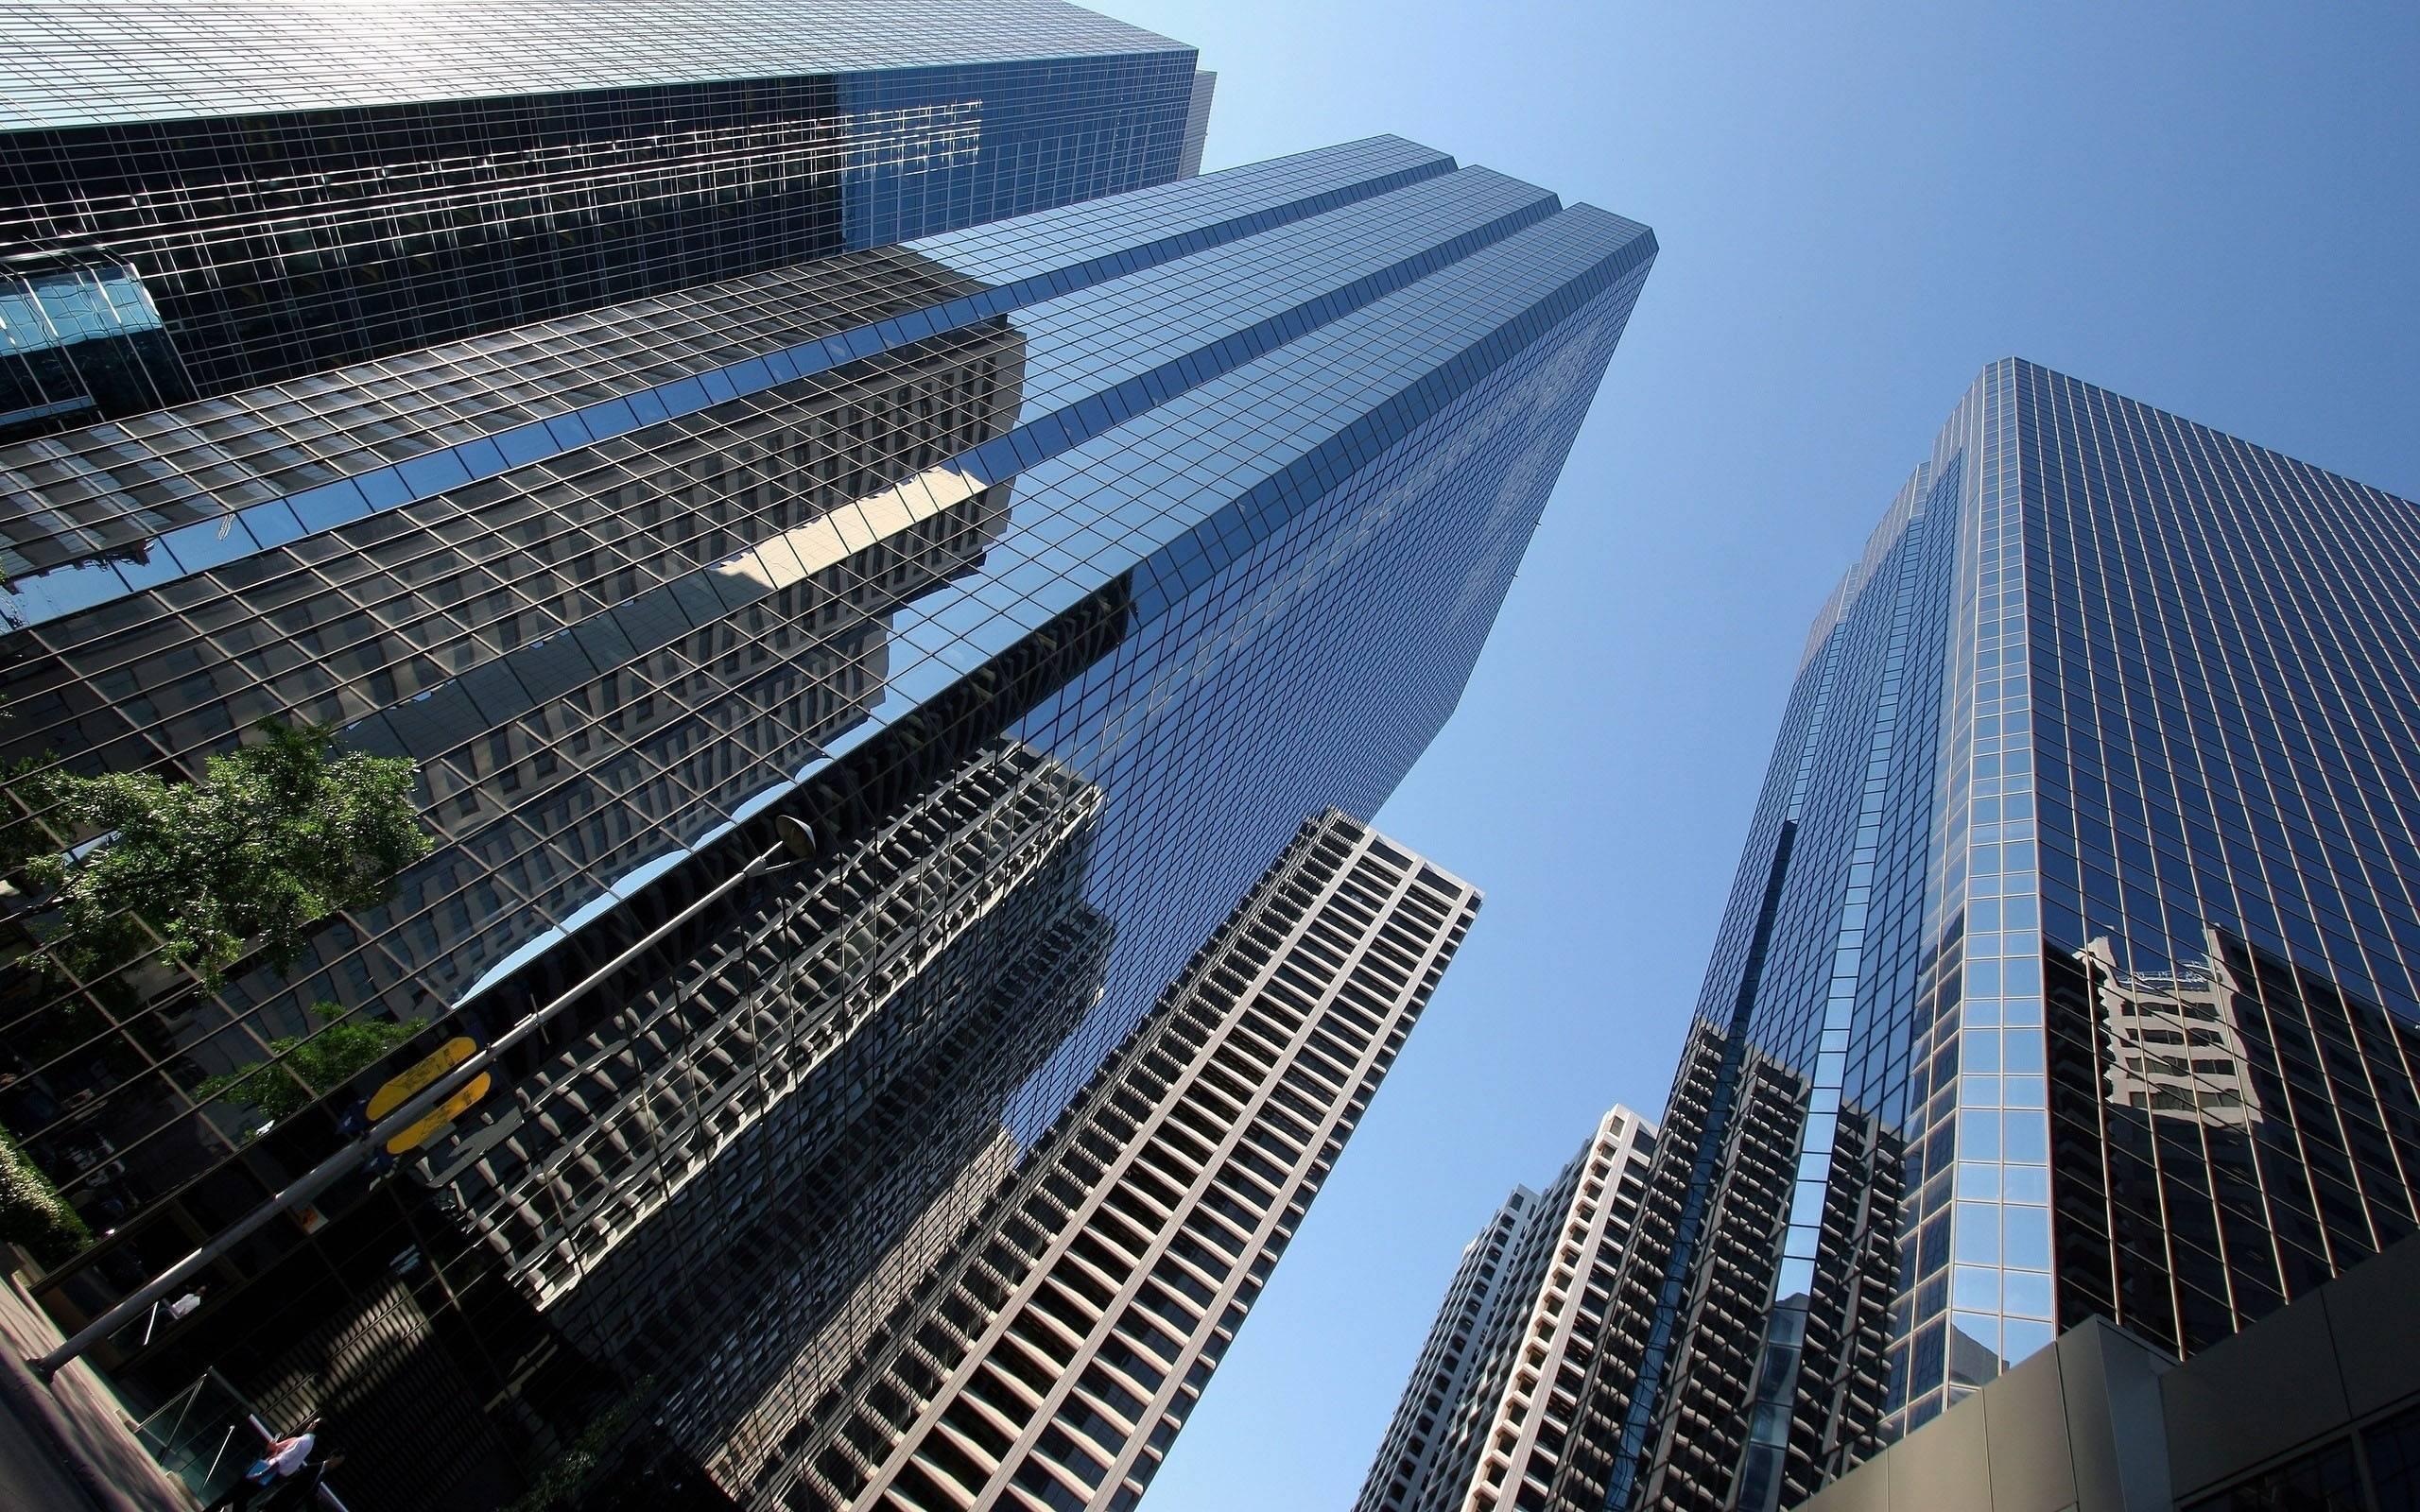 С начала года иностранные инвестиции в коммерческую недвижимость Москвы упали в 9 раз